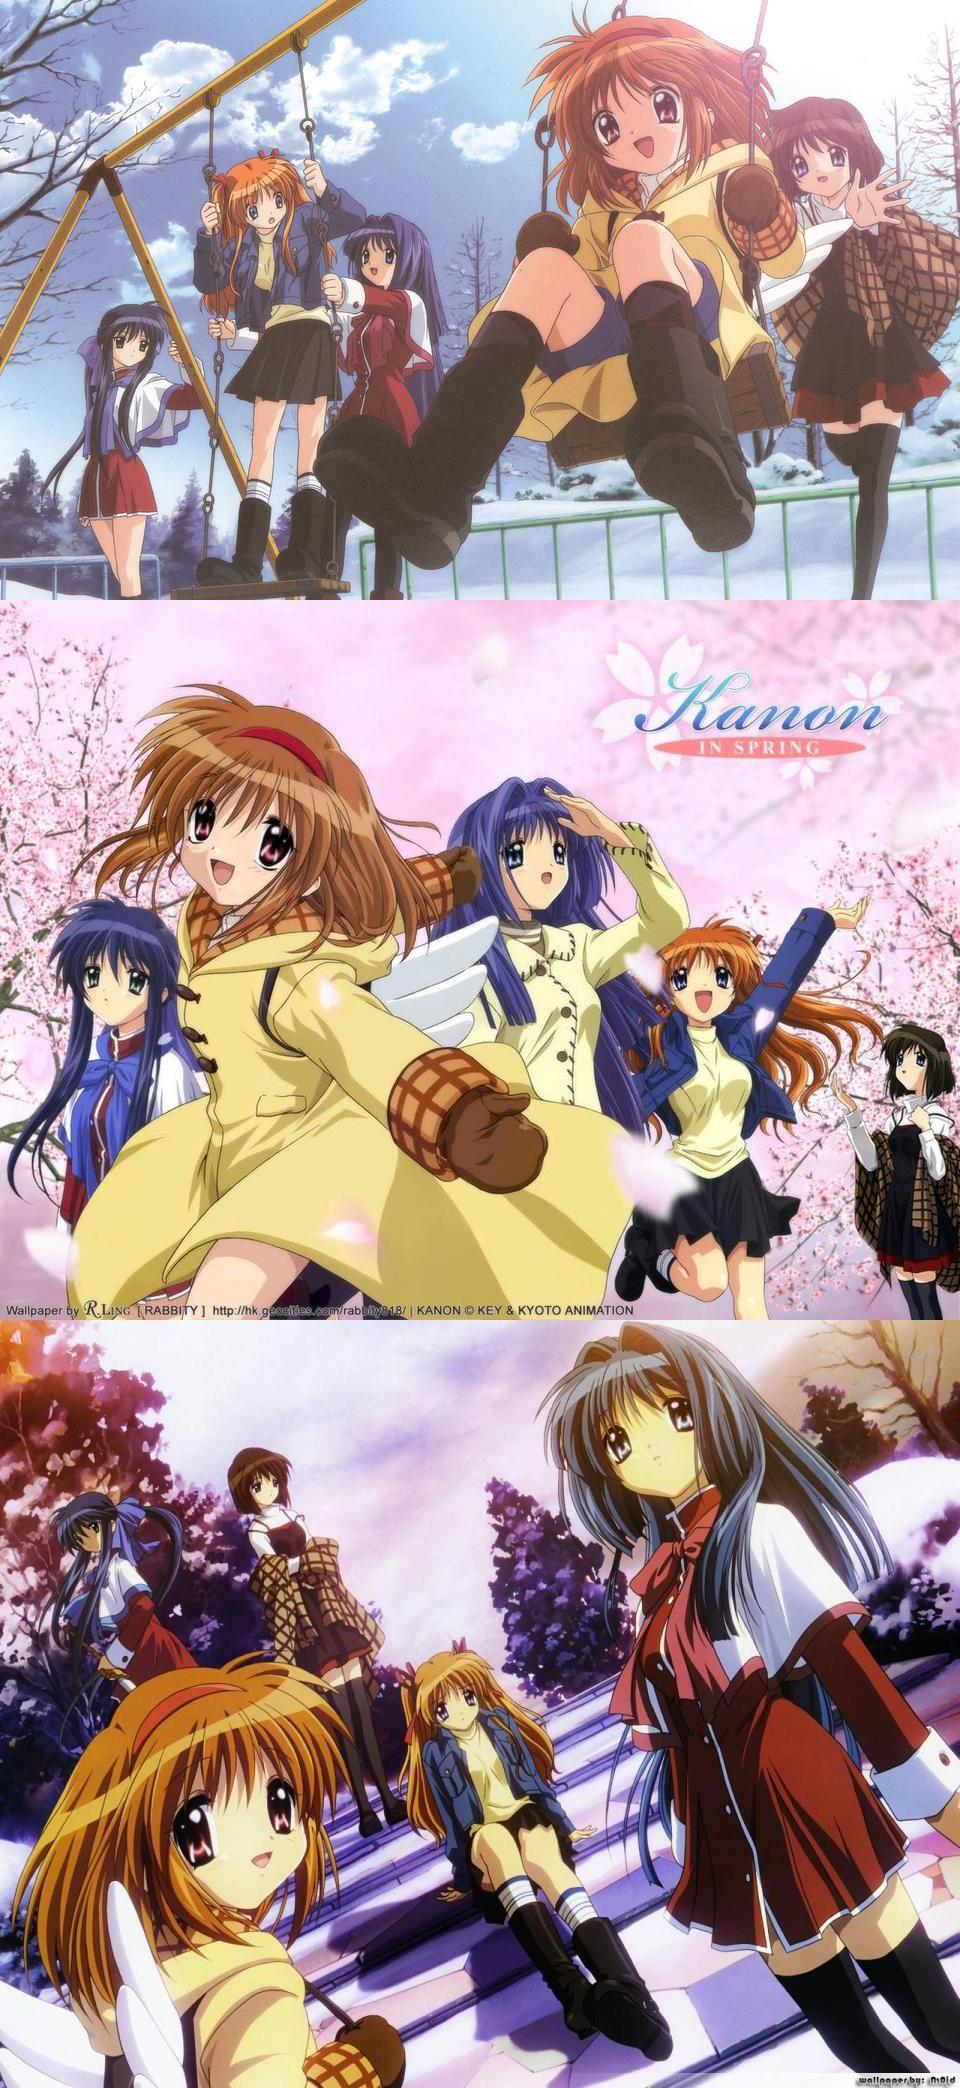 kanon 2006 Anime, Anime shows, Anime artwork